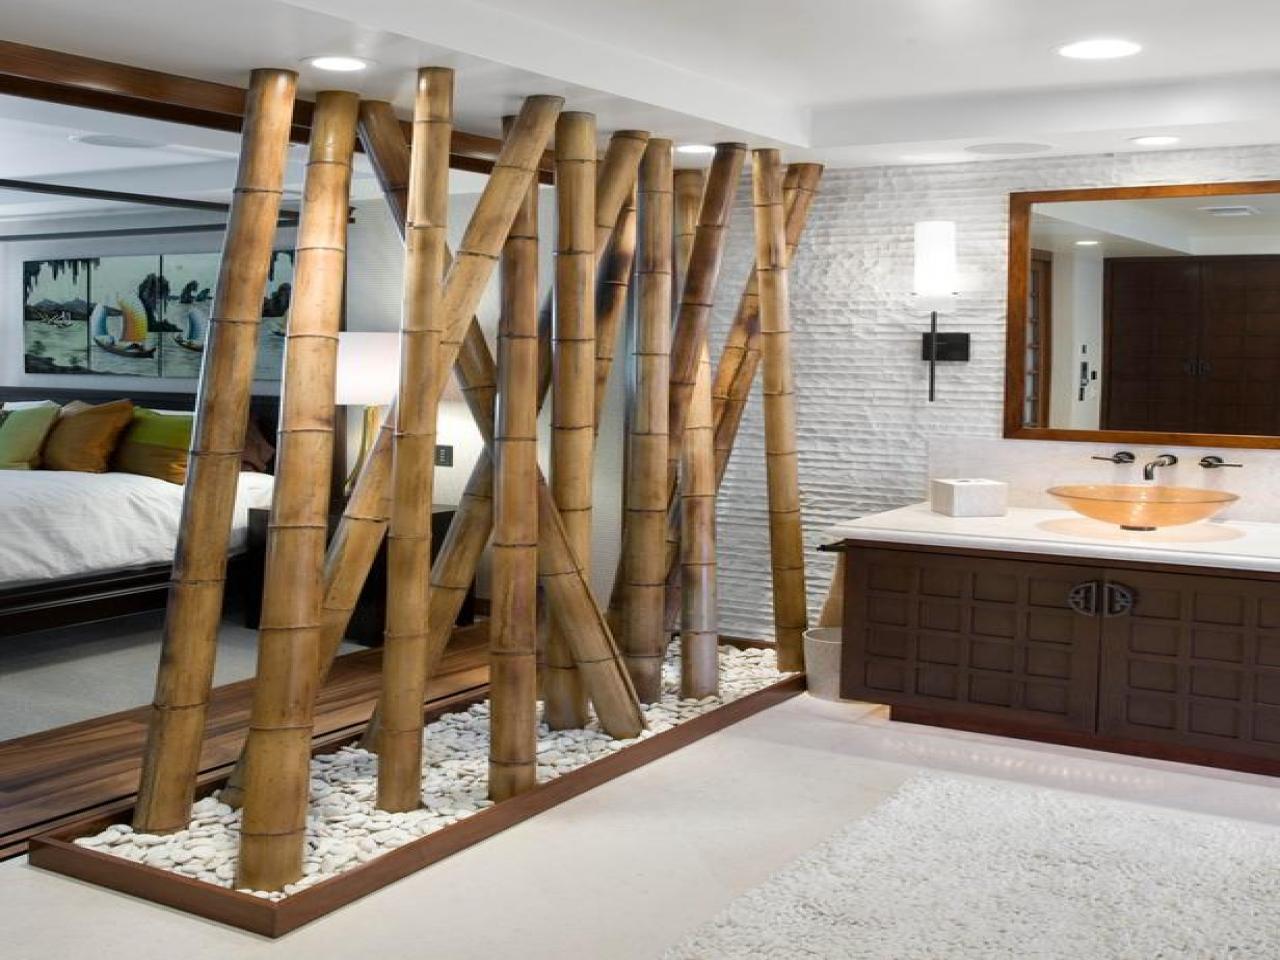 бамбуковые перегородки фото молнией дерево рядом